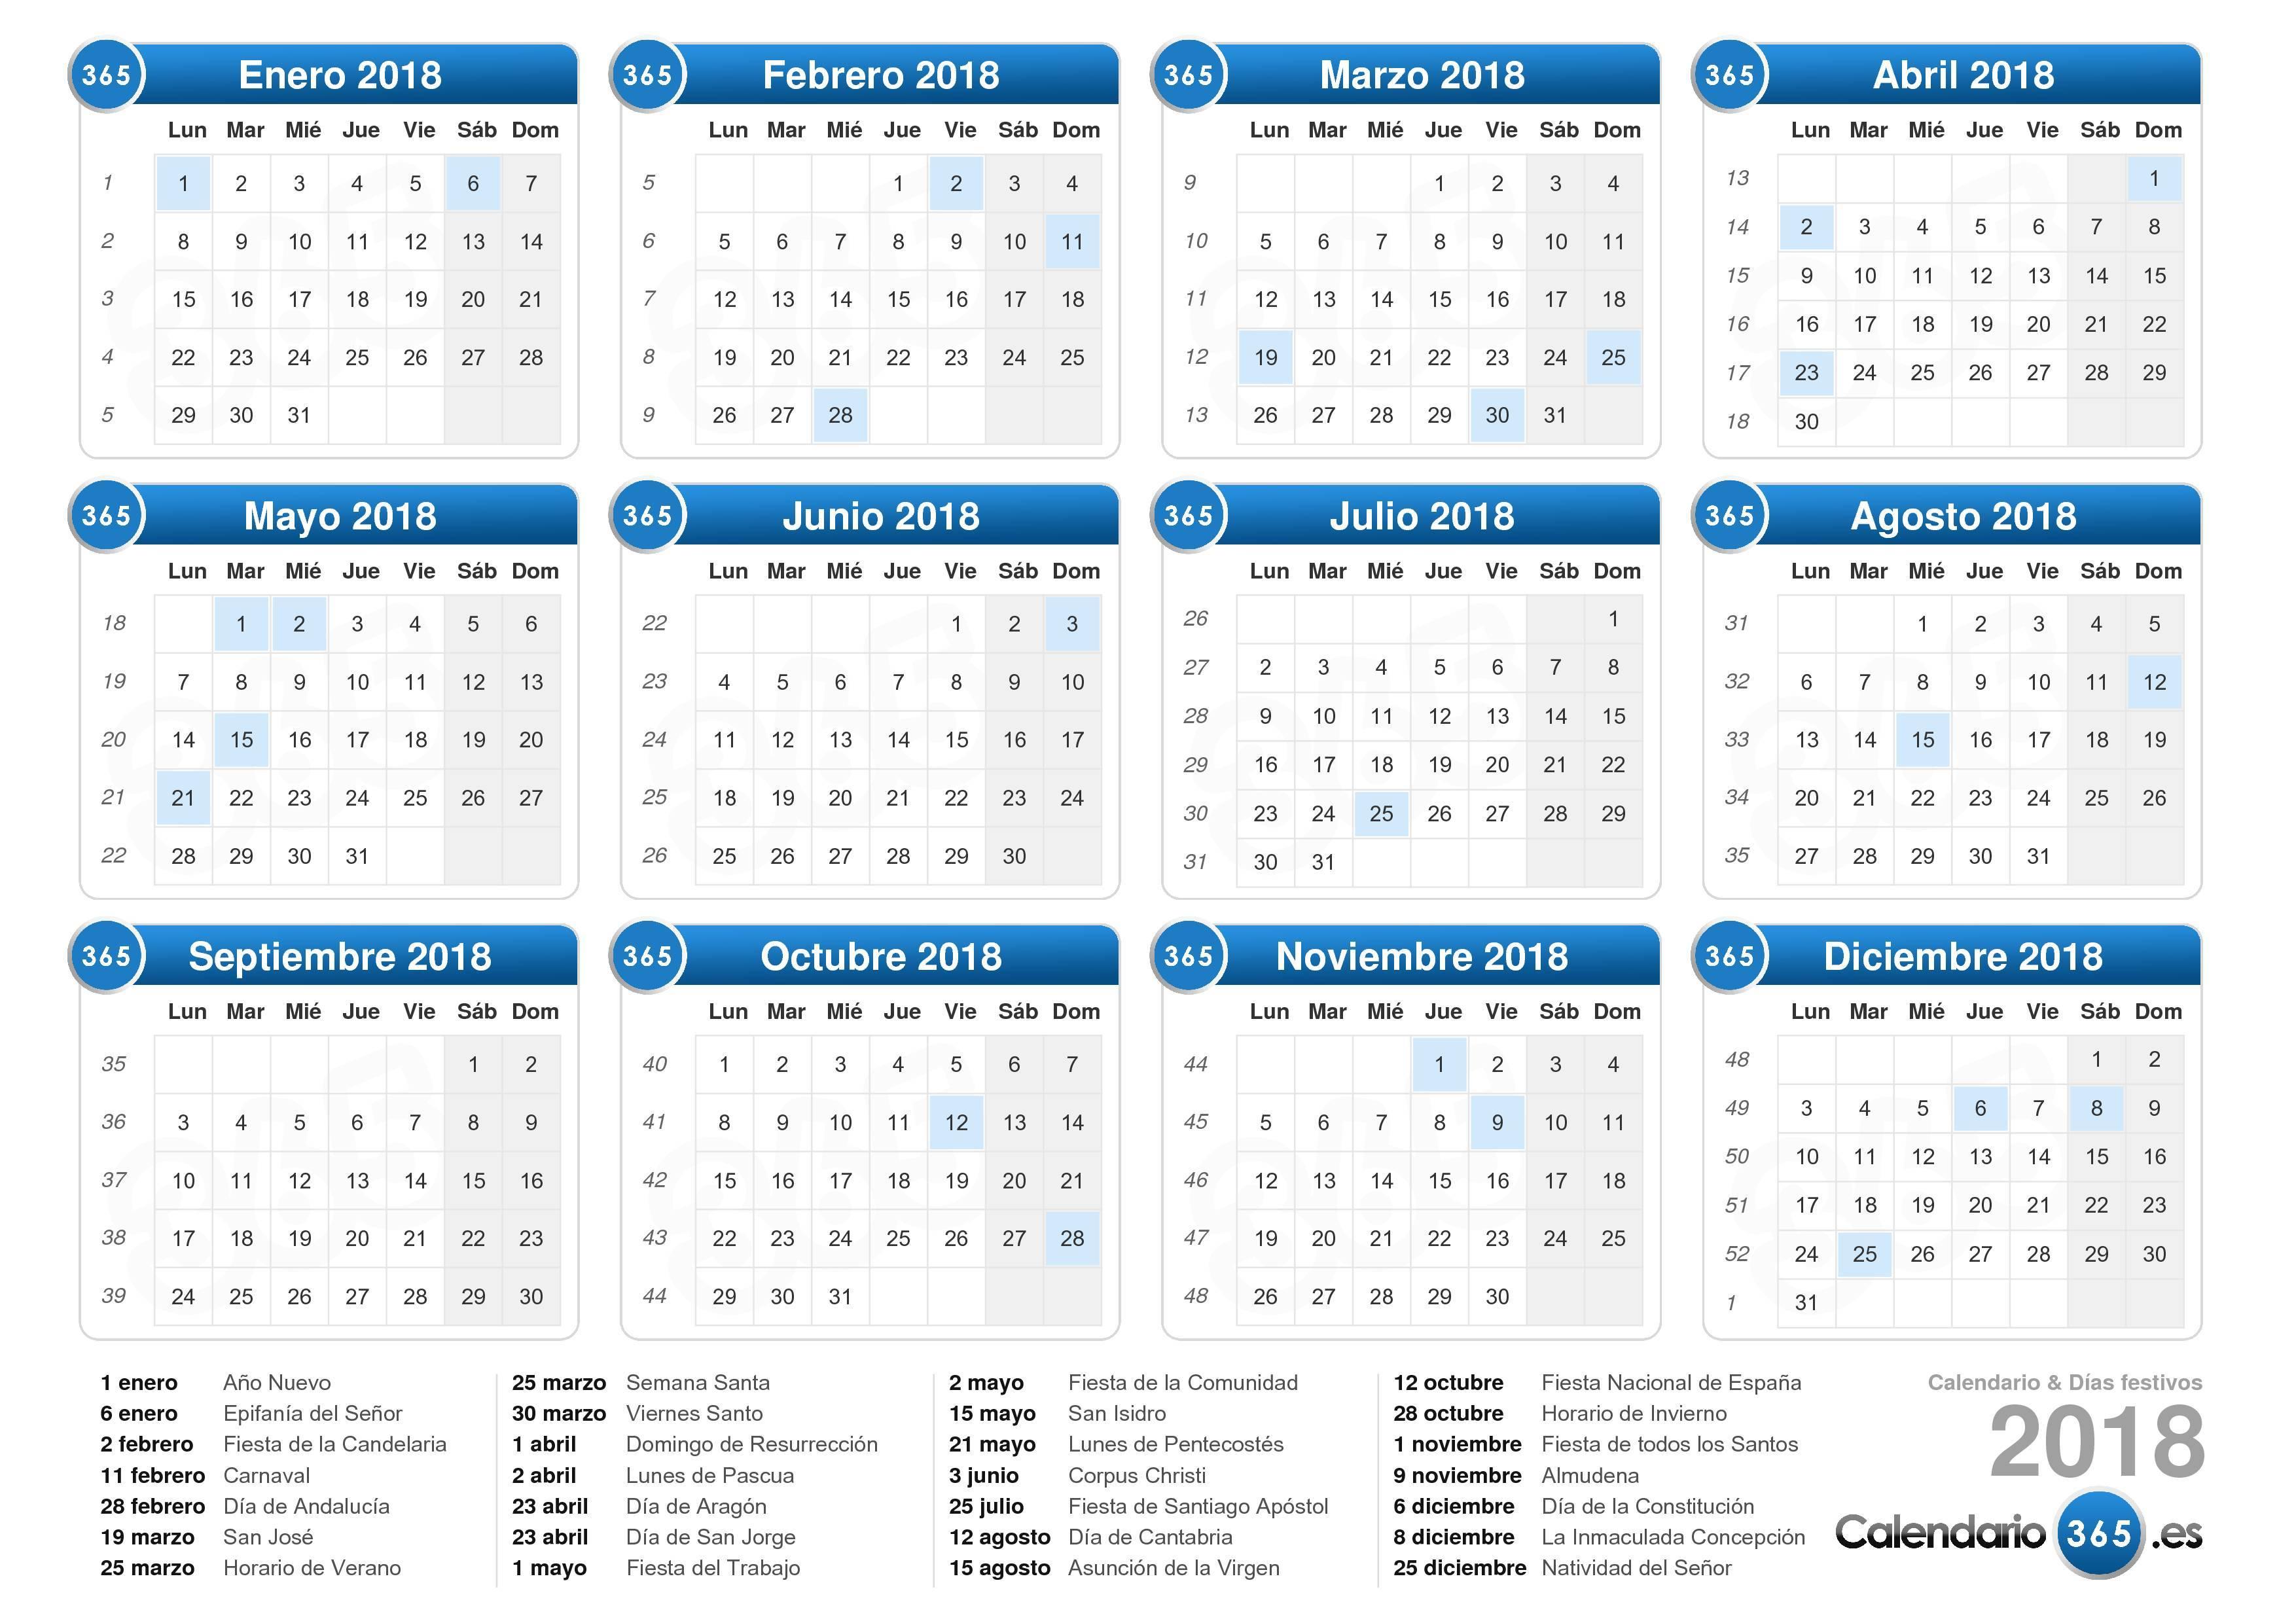 Calendario Diciembre 2018 Argentina.Calendario 2018